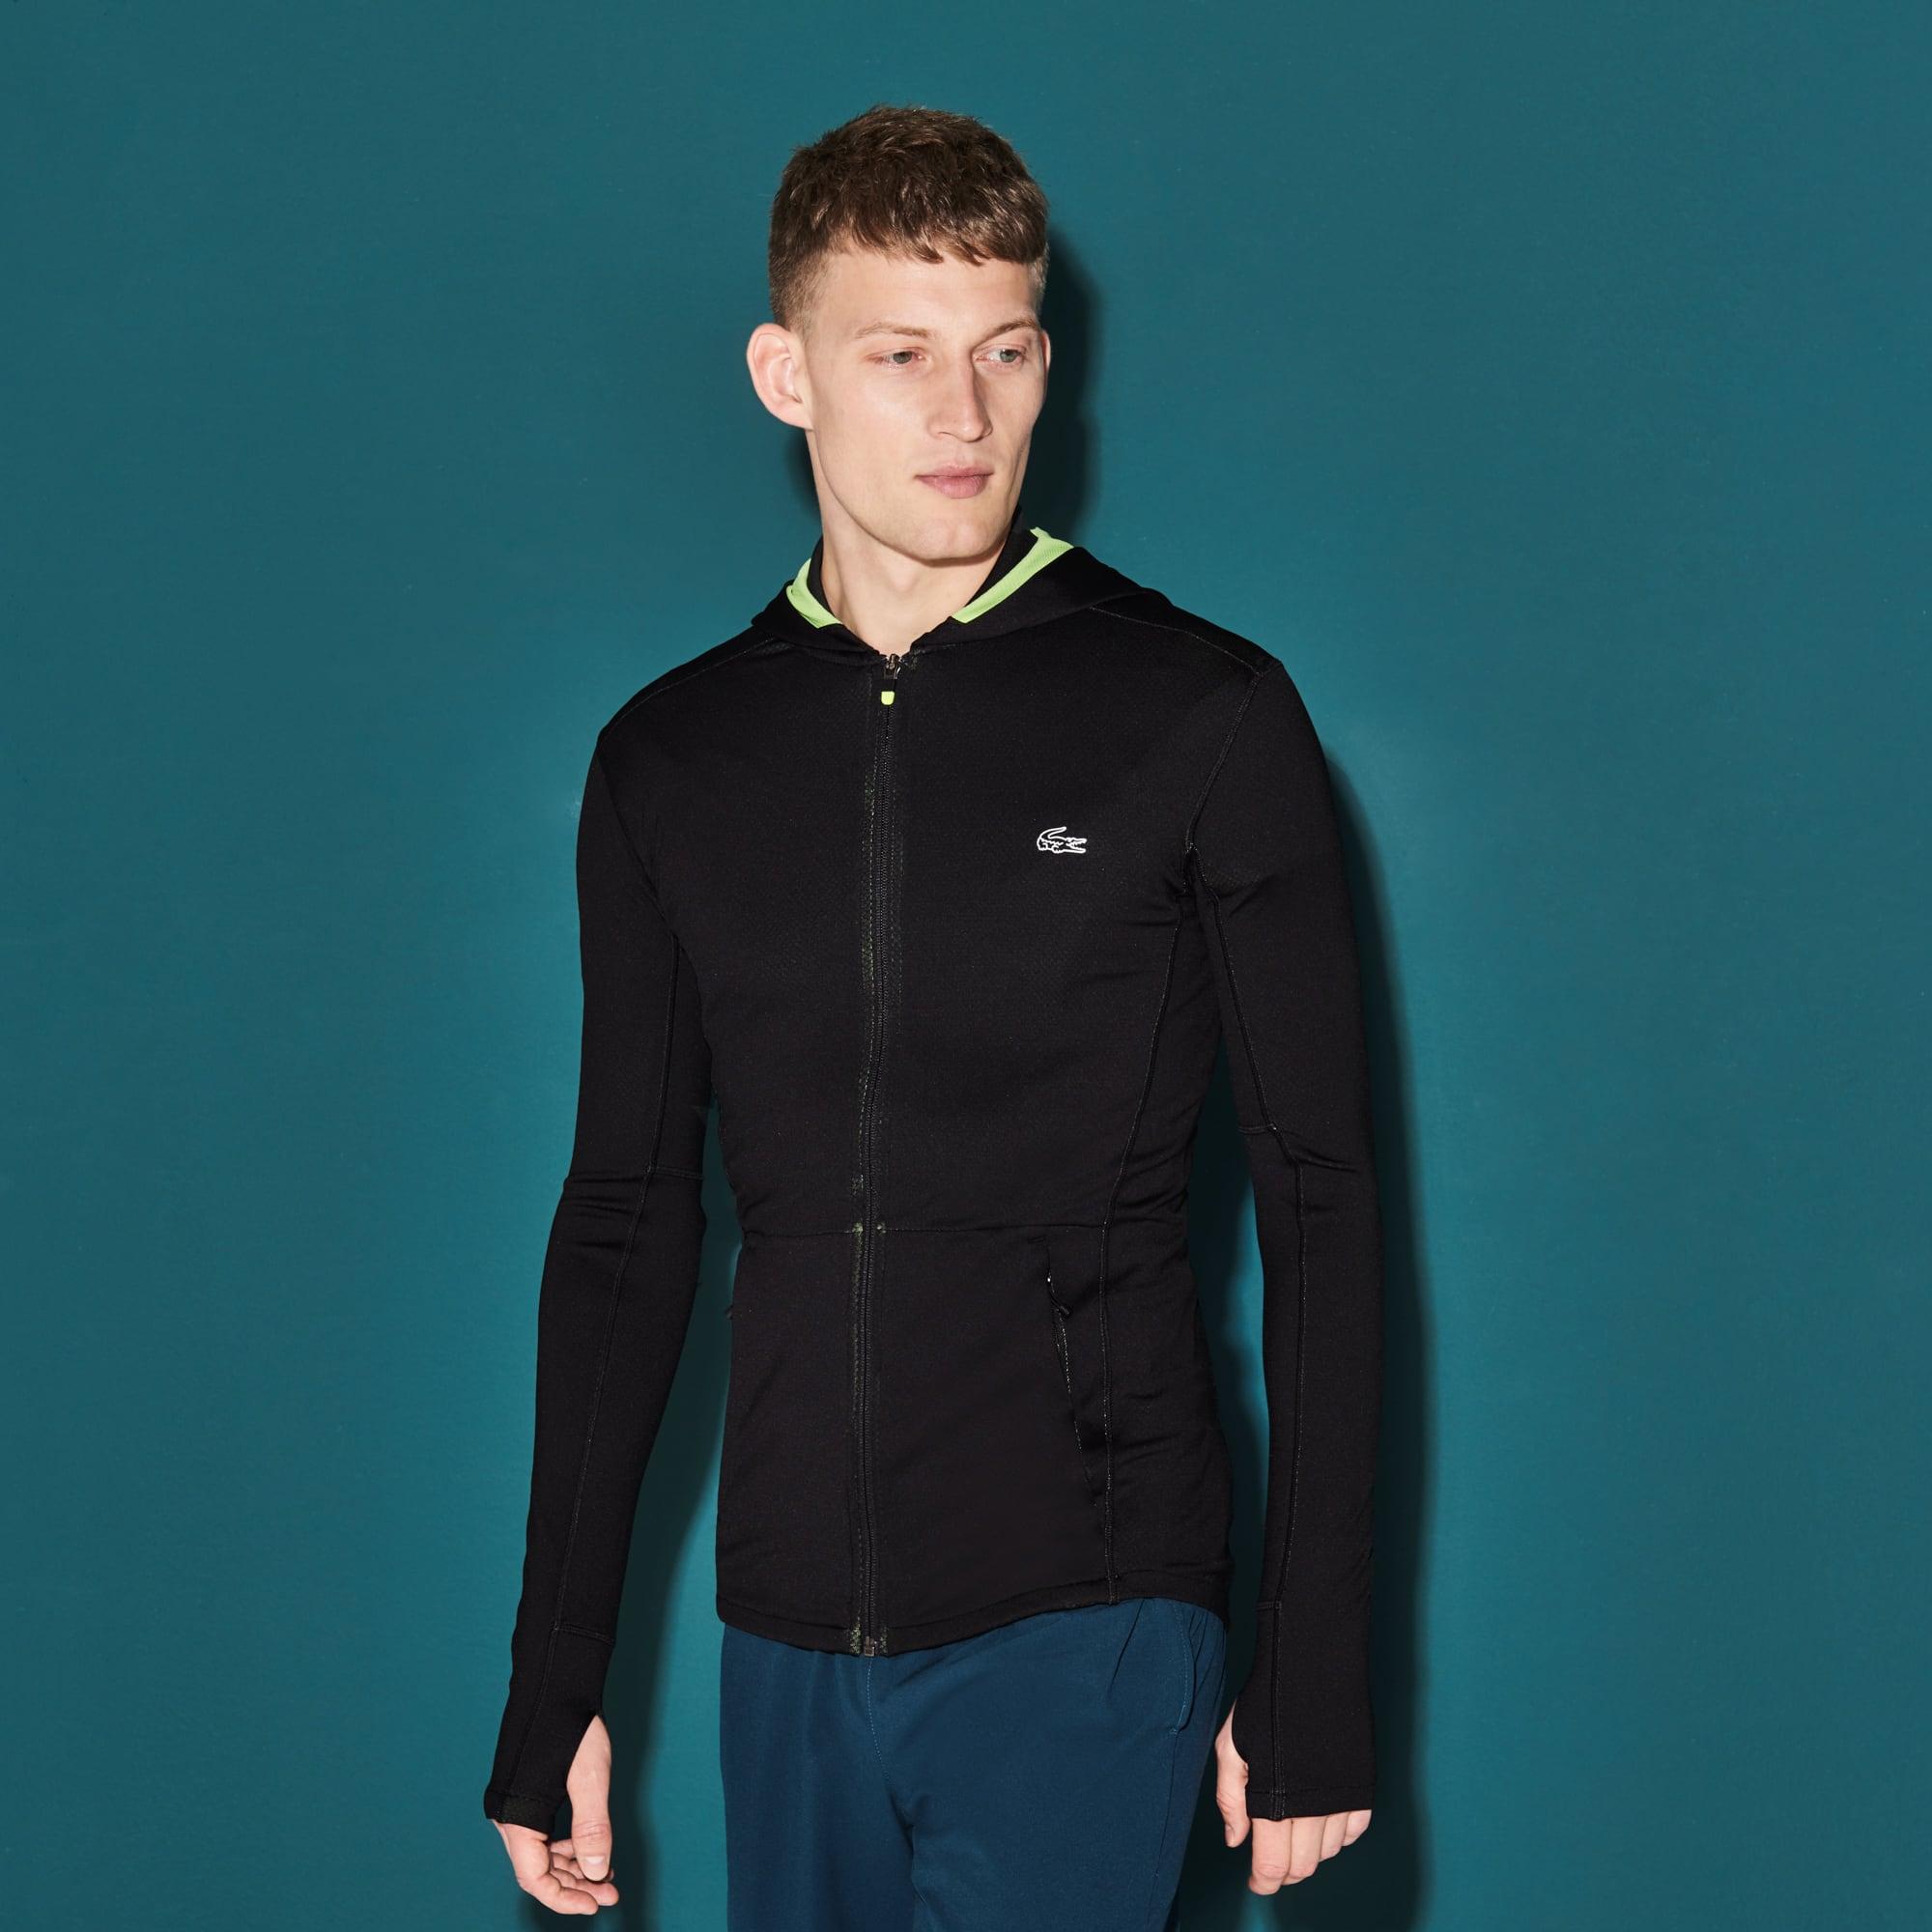 Men's Lacoste SPORT Bicolour Midlayer Hooded Zip Tennis Sweatshirt